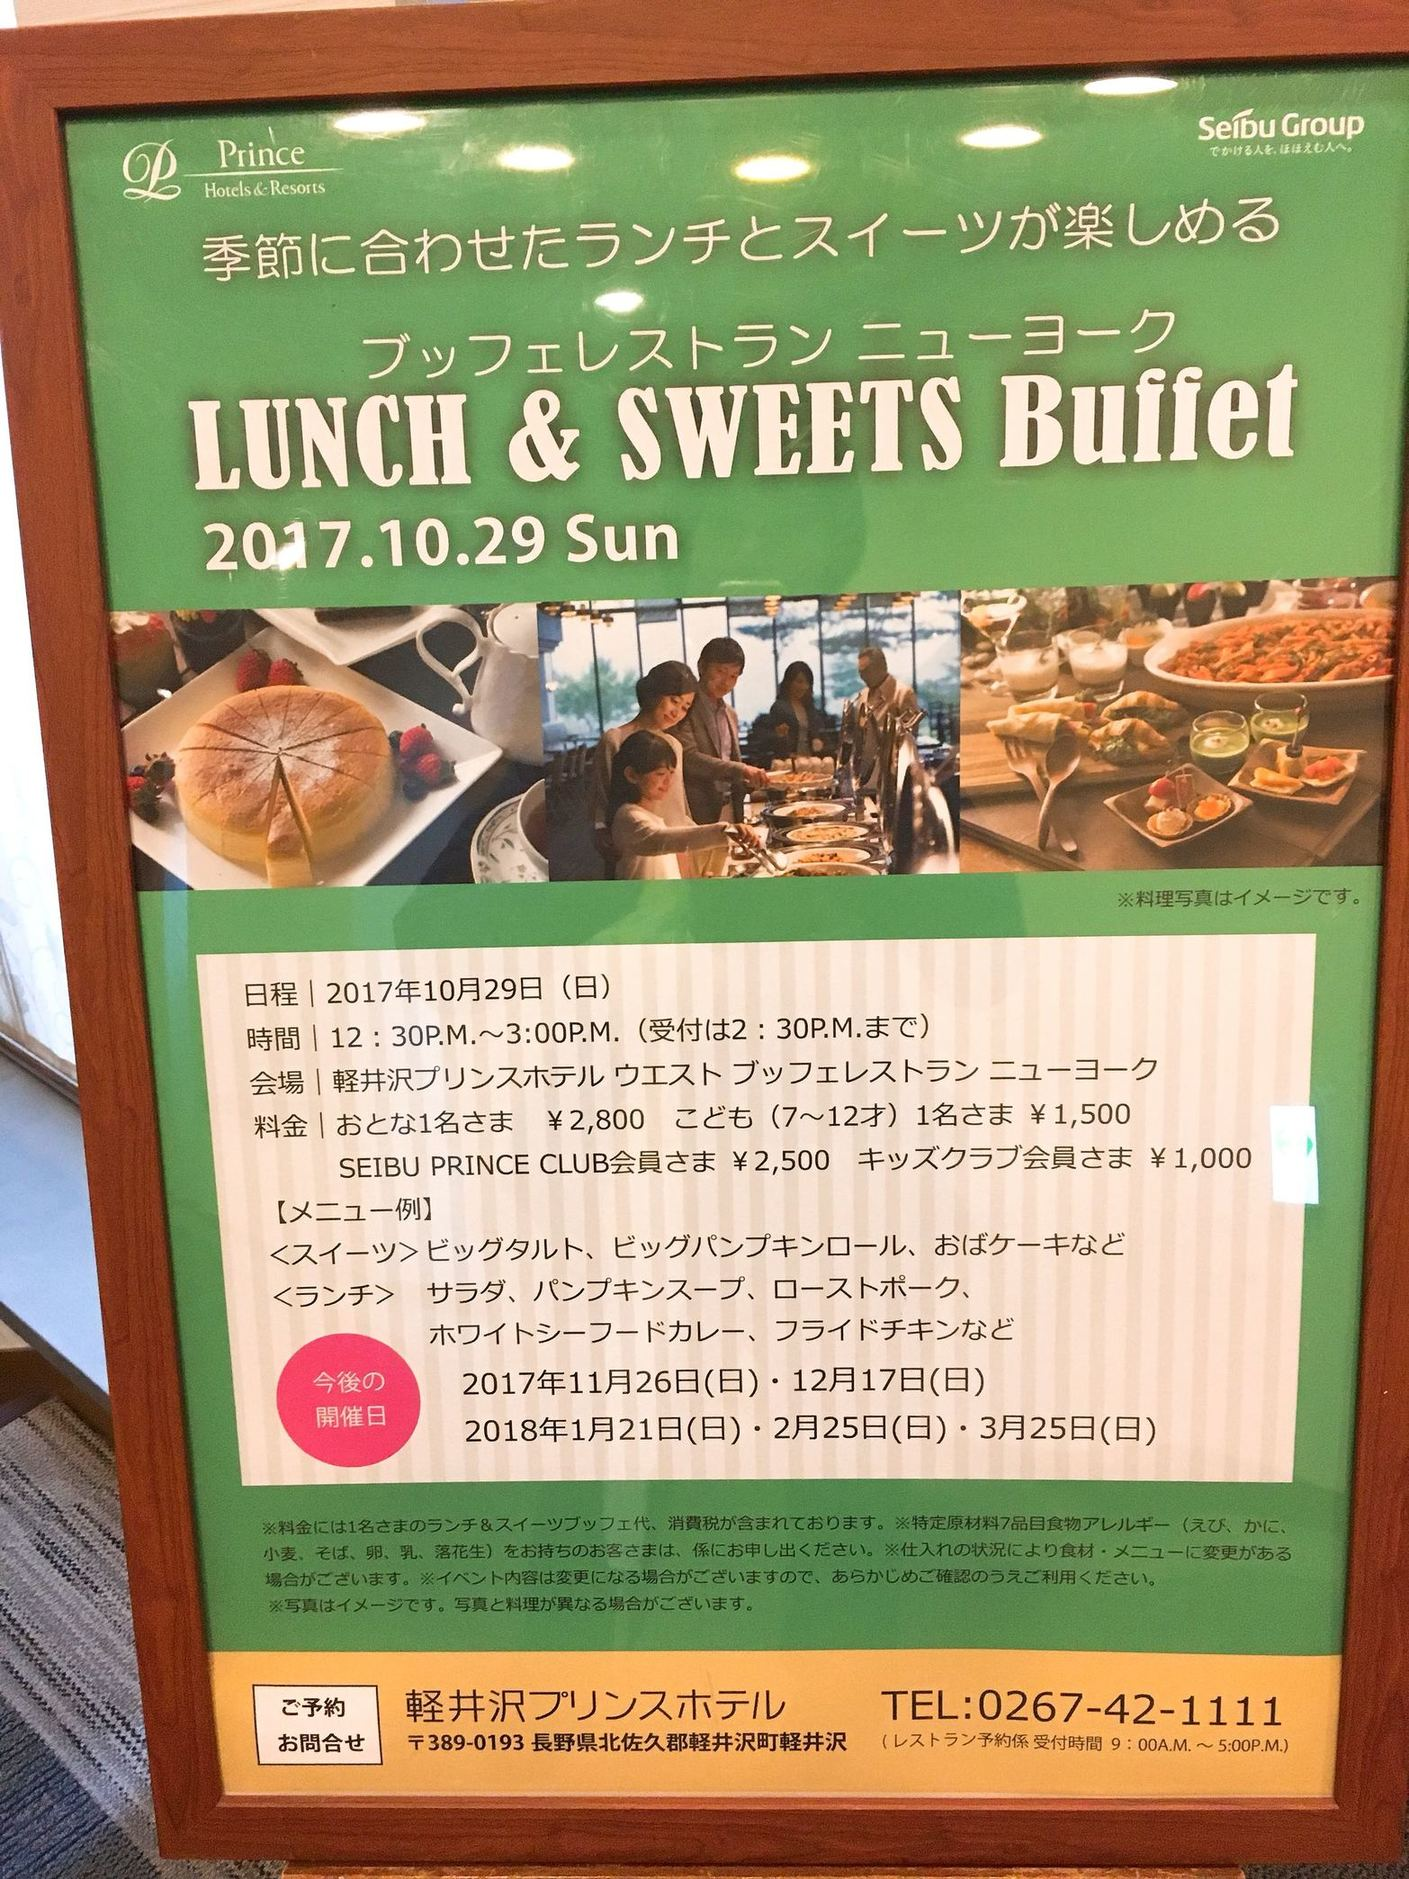 軽井沢プリンスホテルウエスト name=